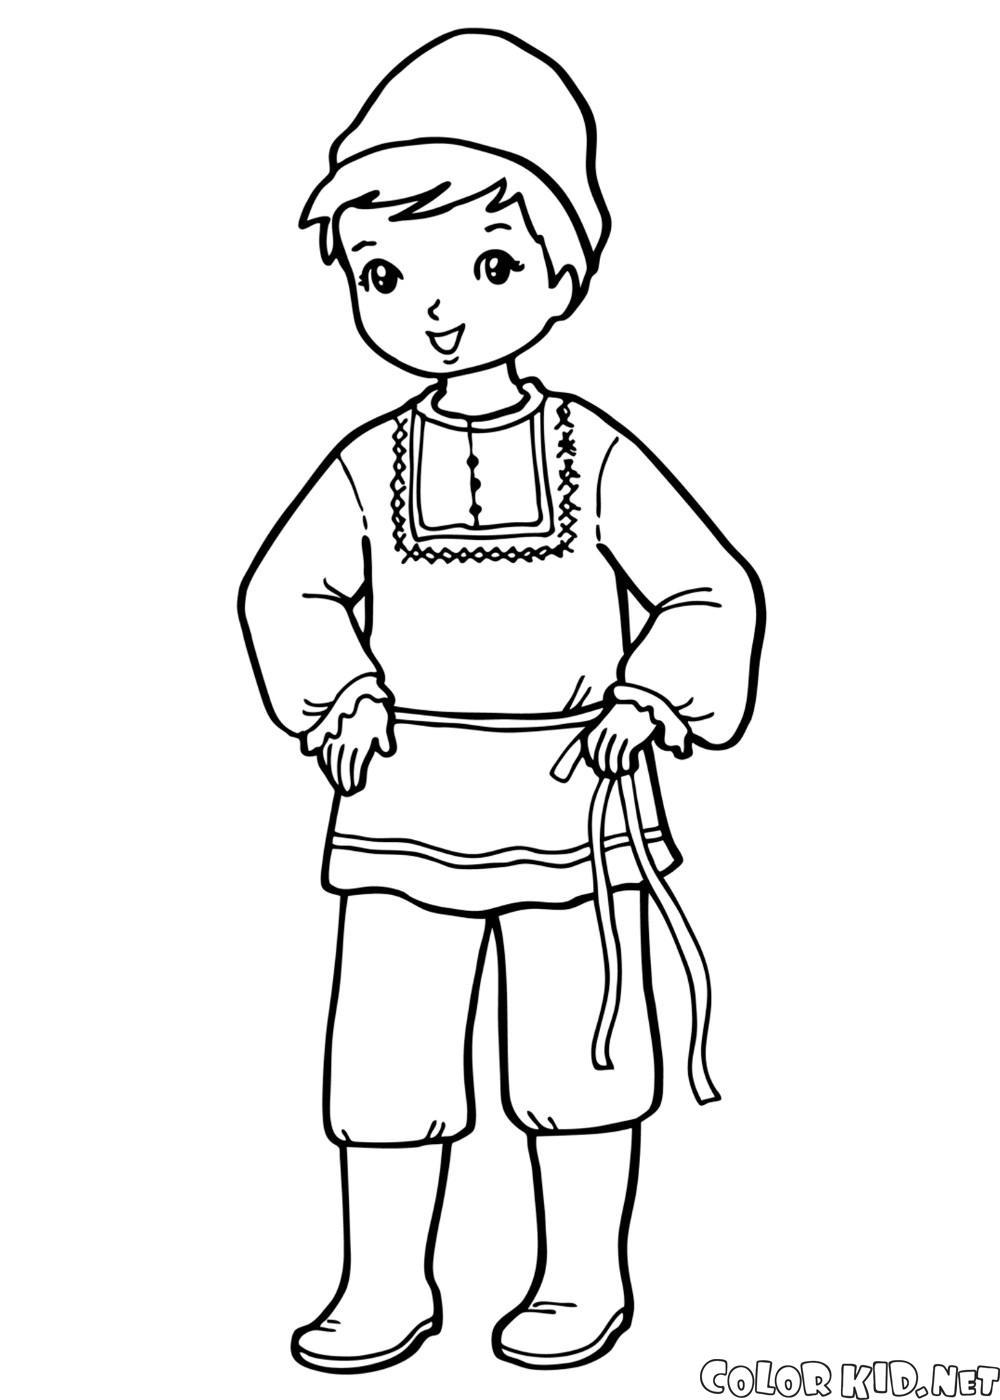 Disegni da colorare il ragazzo in costume nazionale - Mike le pagine da colorare cavaliere ...